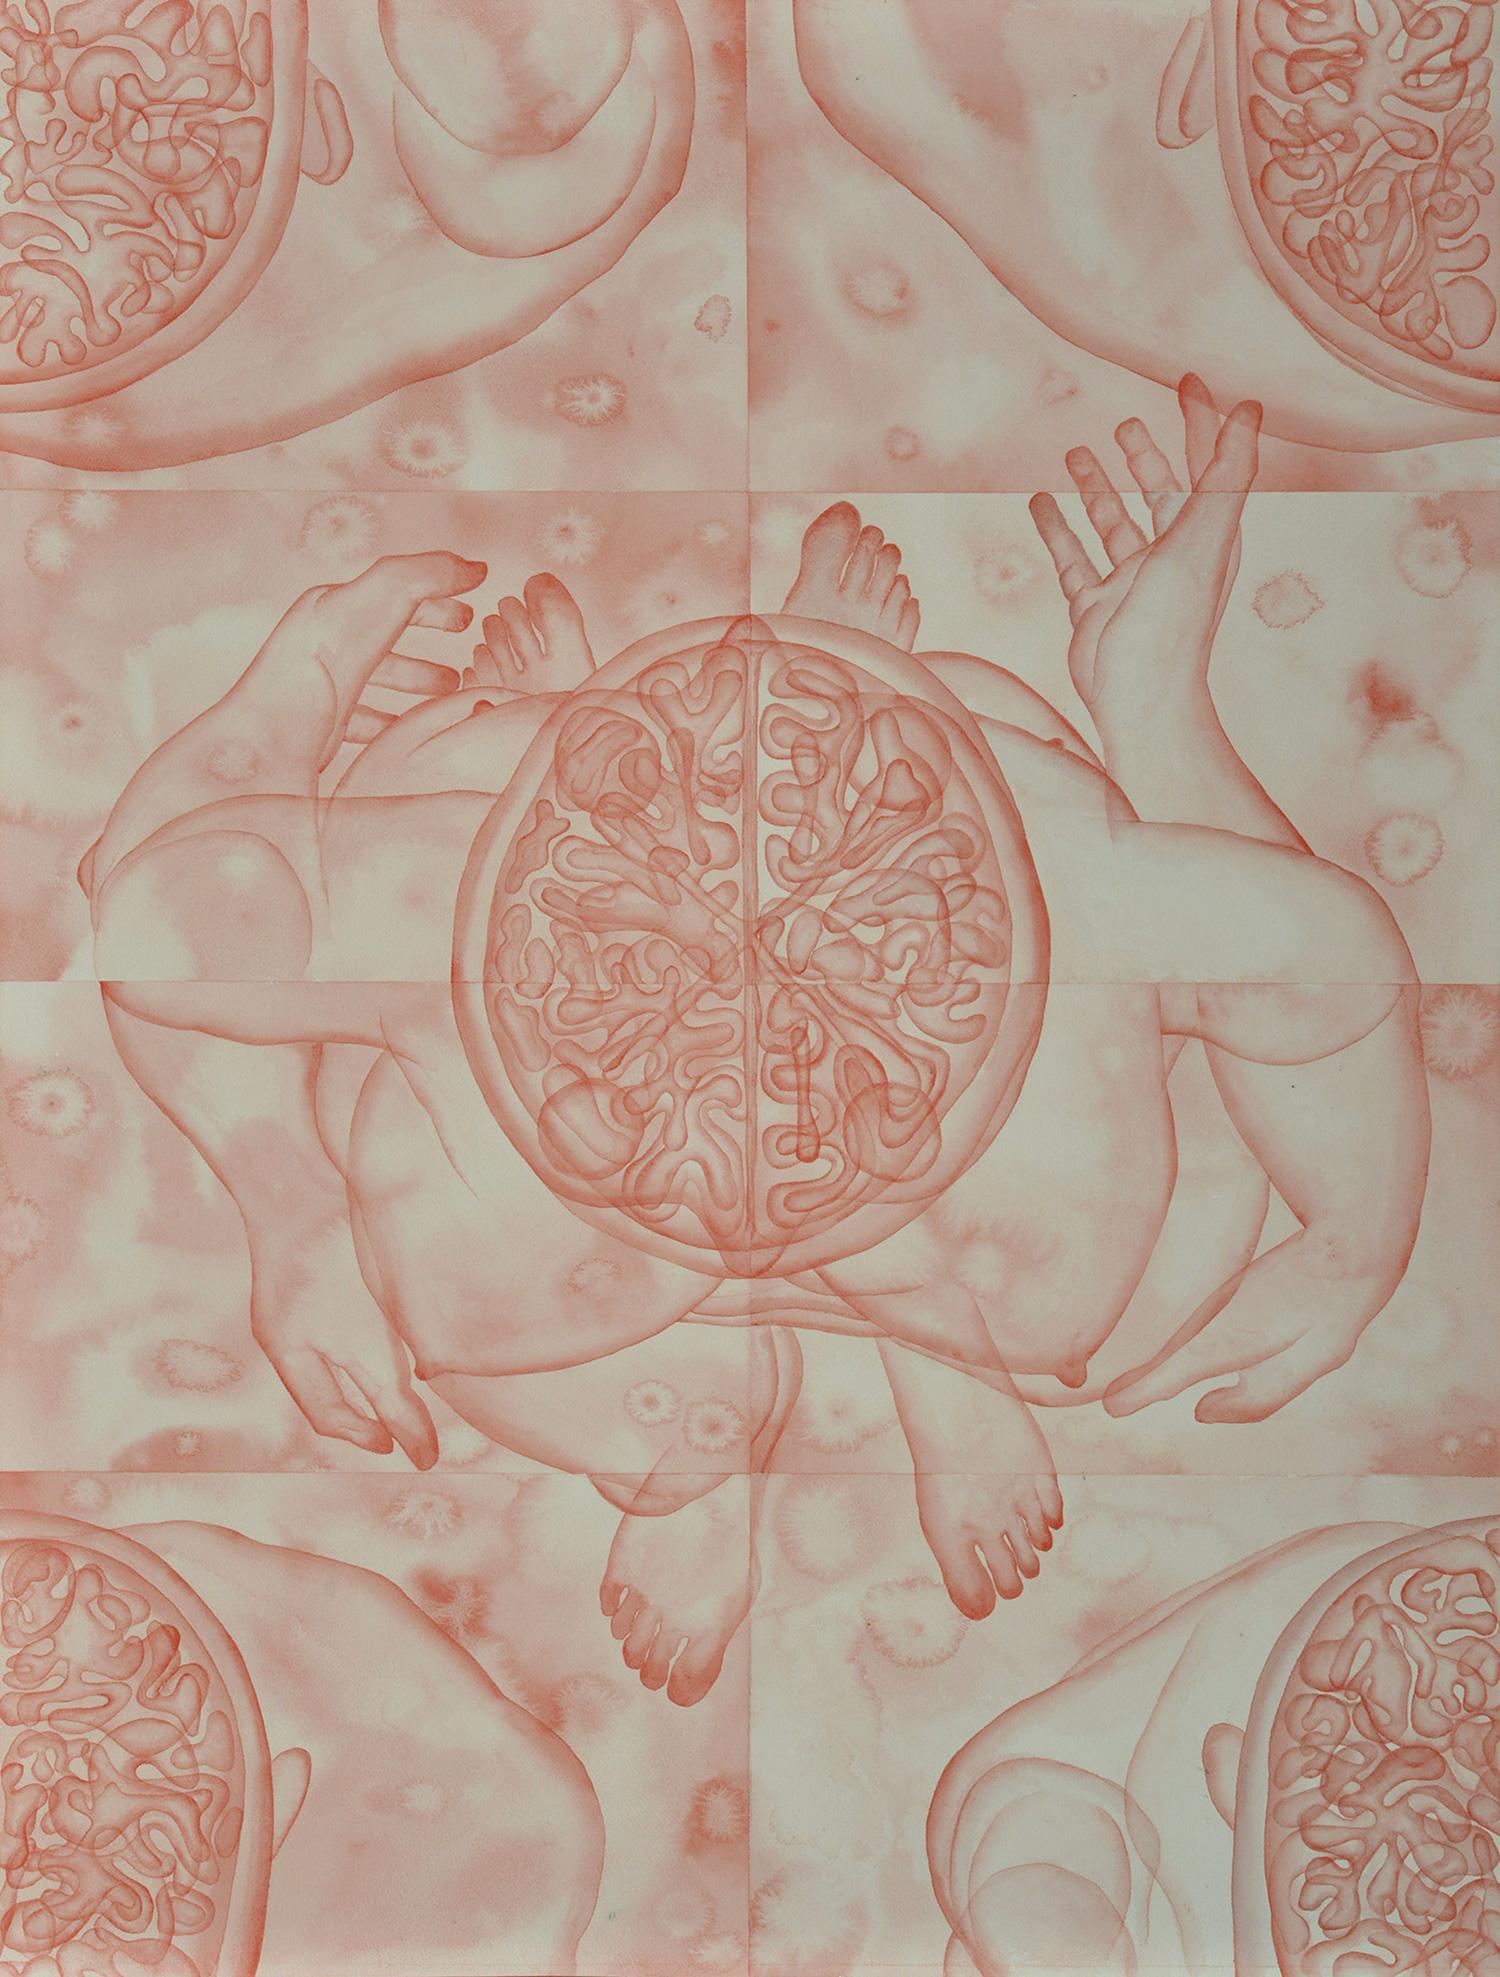 Stefano Bolzano, Evoluzione sentimentale, acquerello su carta applicato su due pannelli, 84x111 cm, 2019.